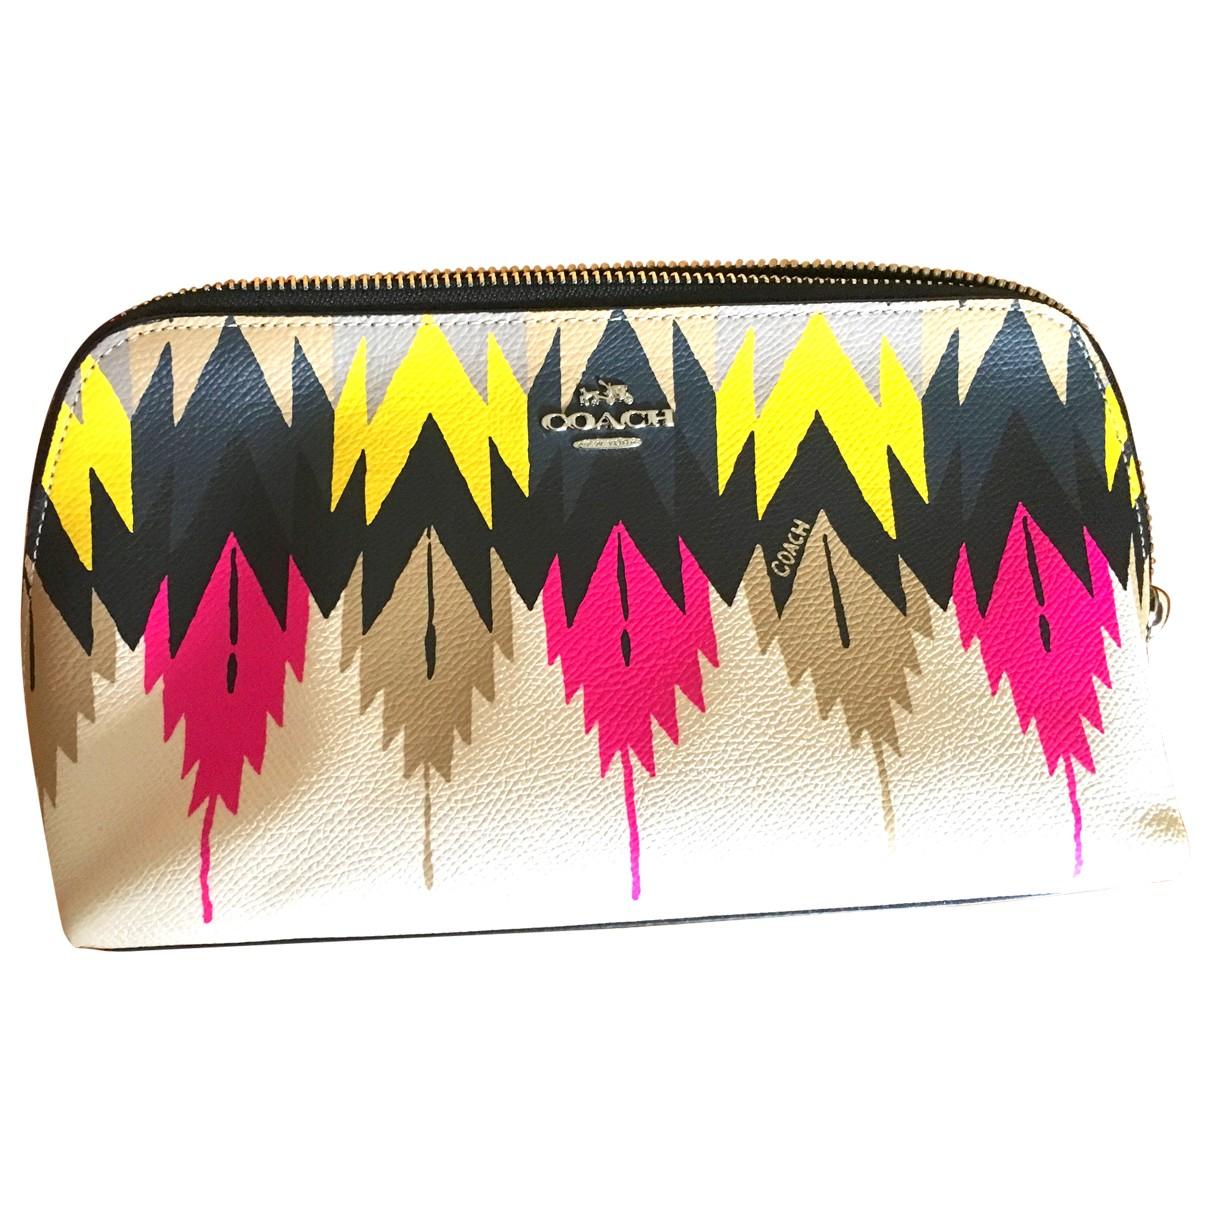 Coach - Sac de voyage   pour femme en cuir - multicolore